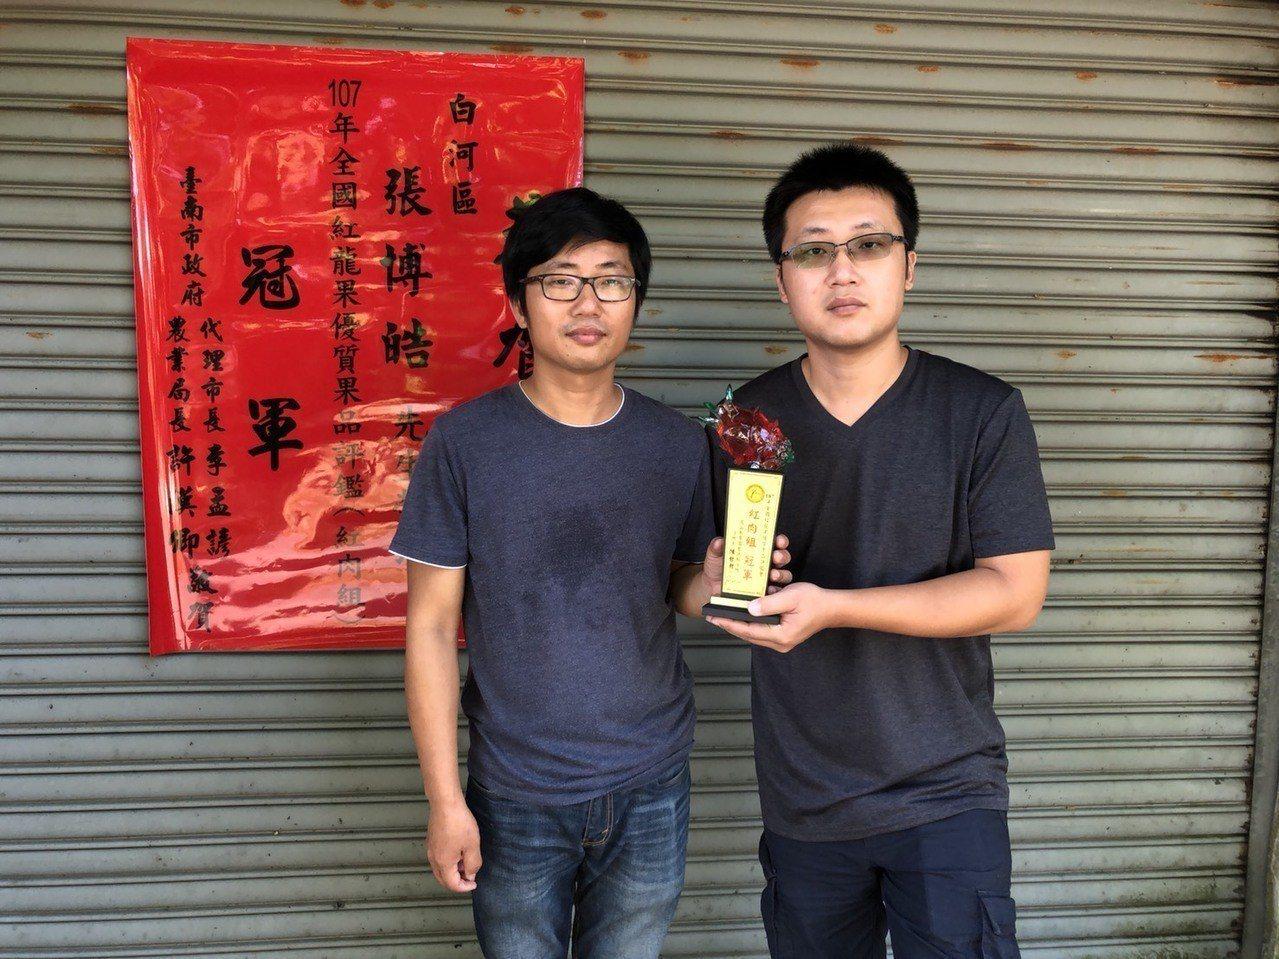 台南市白河區張博皓(右)參加全國紅龍果評鑑獲冠軍。圖/台南市農業局提供